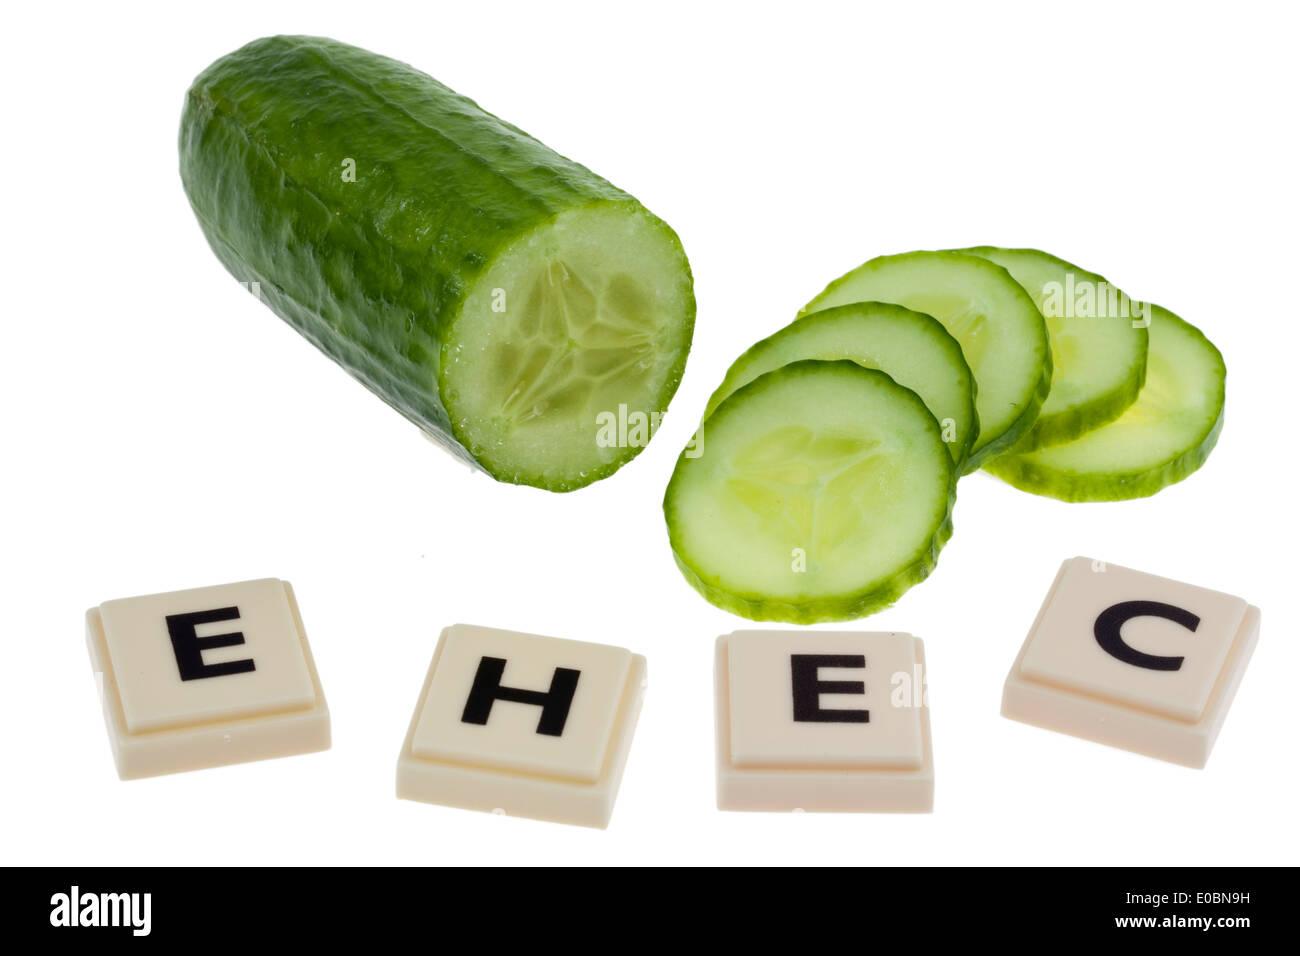 A cucumber as a symbol for the illness EHEC, Eine Gurke als Symbol fuer die EHEC Krankheit Stock Photo